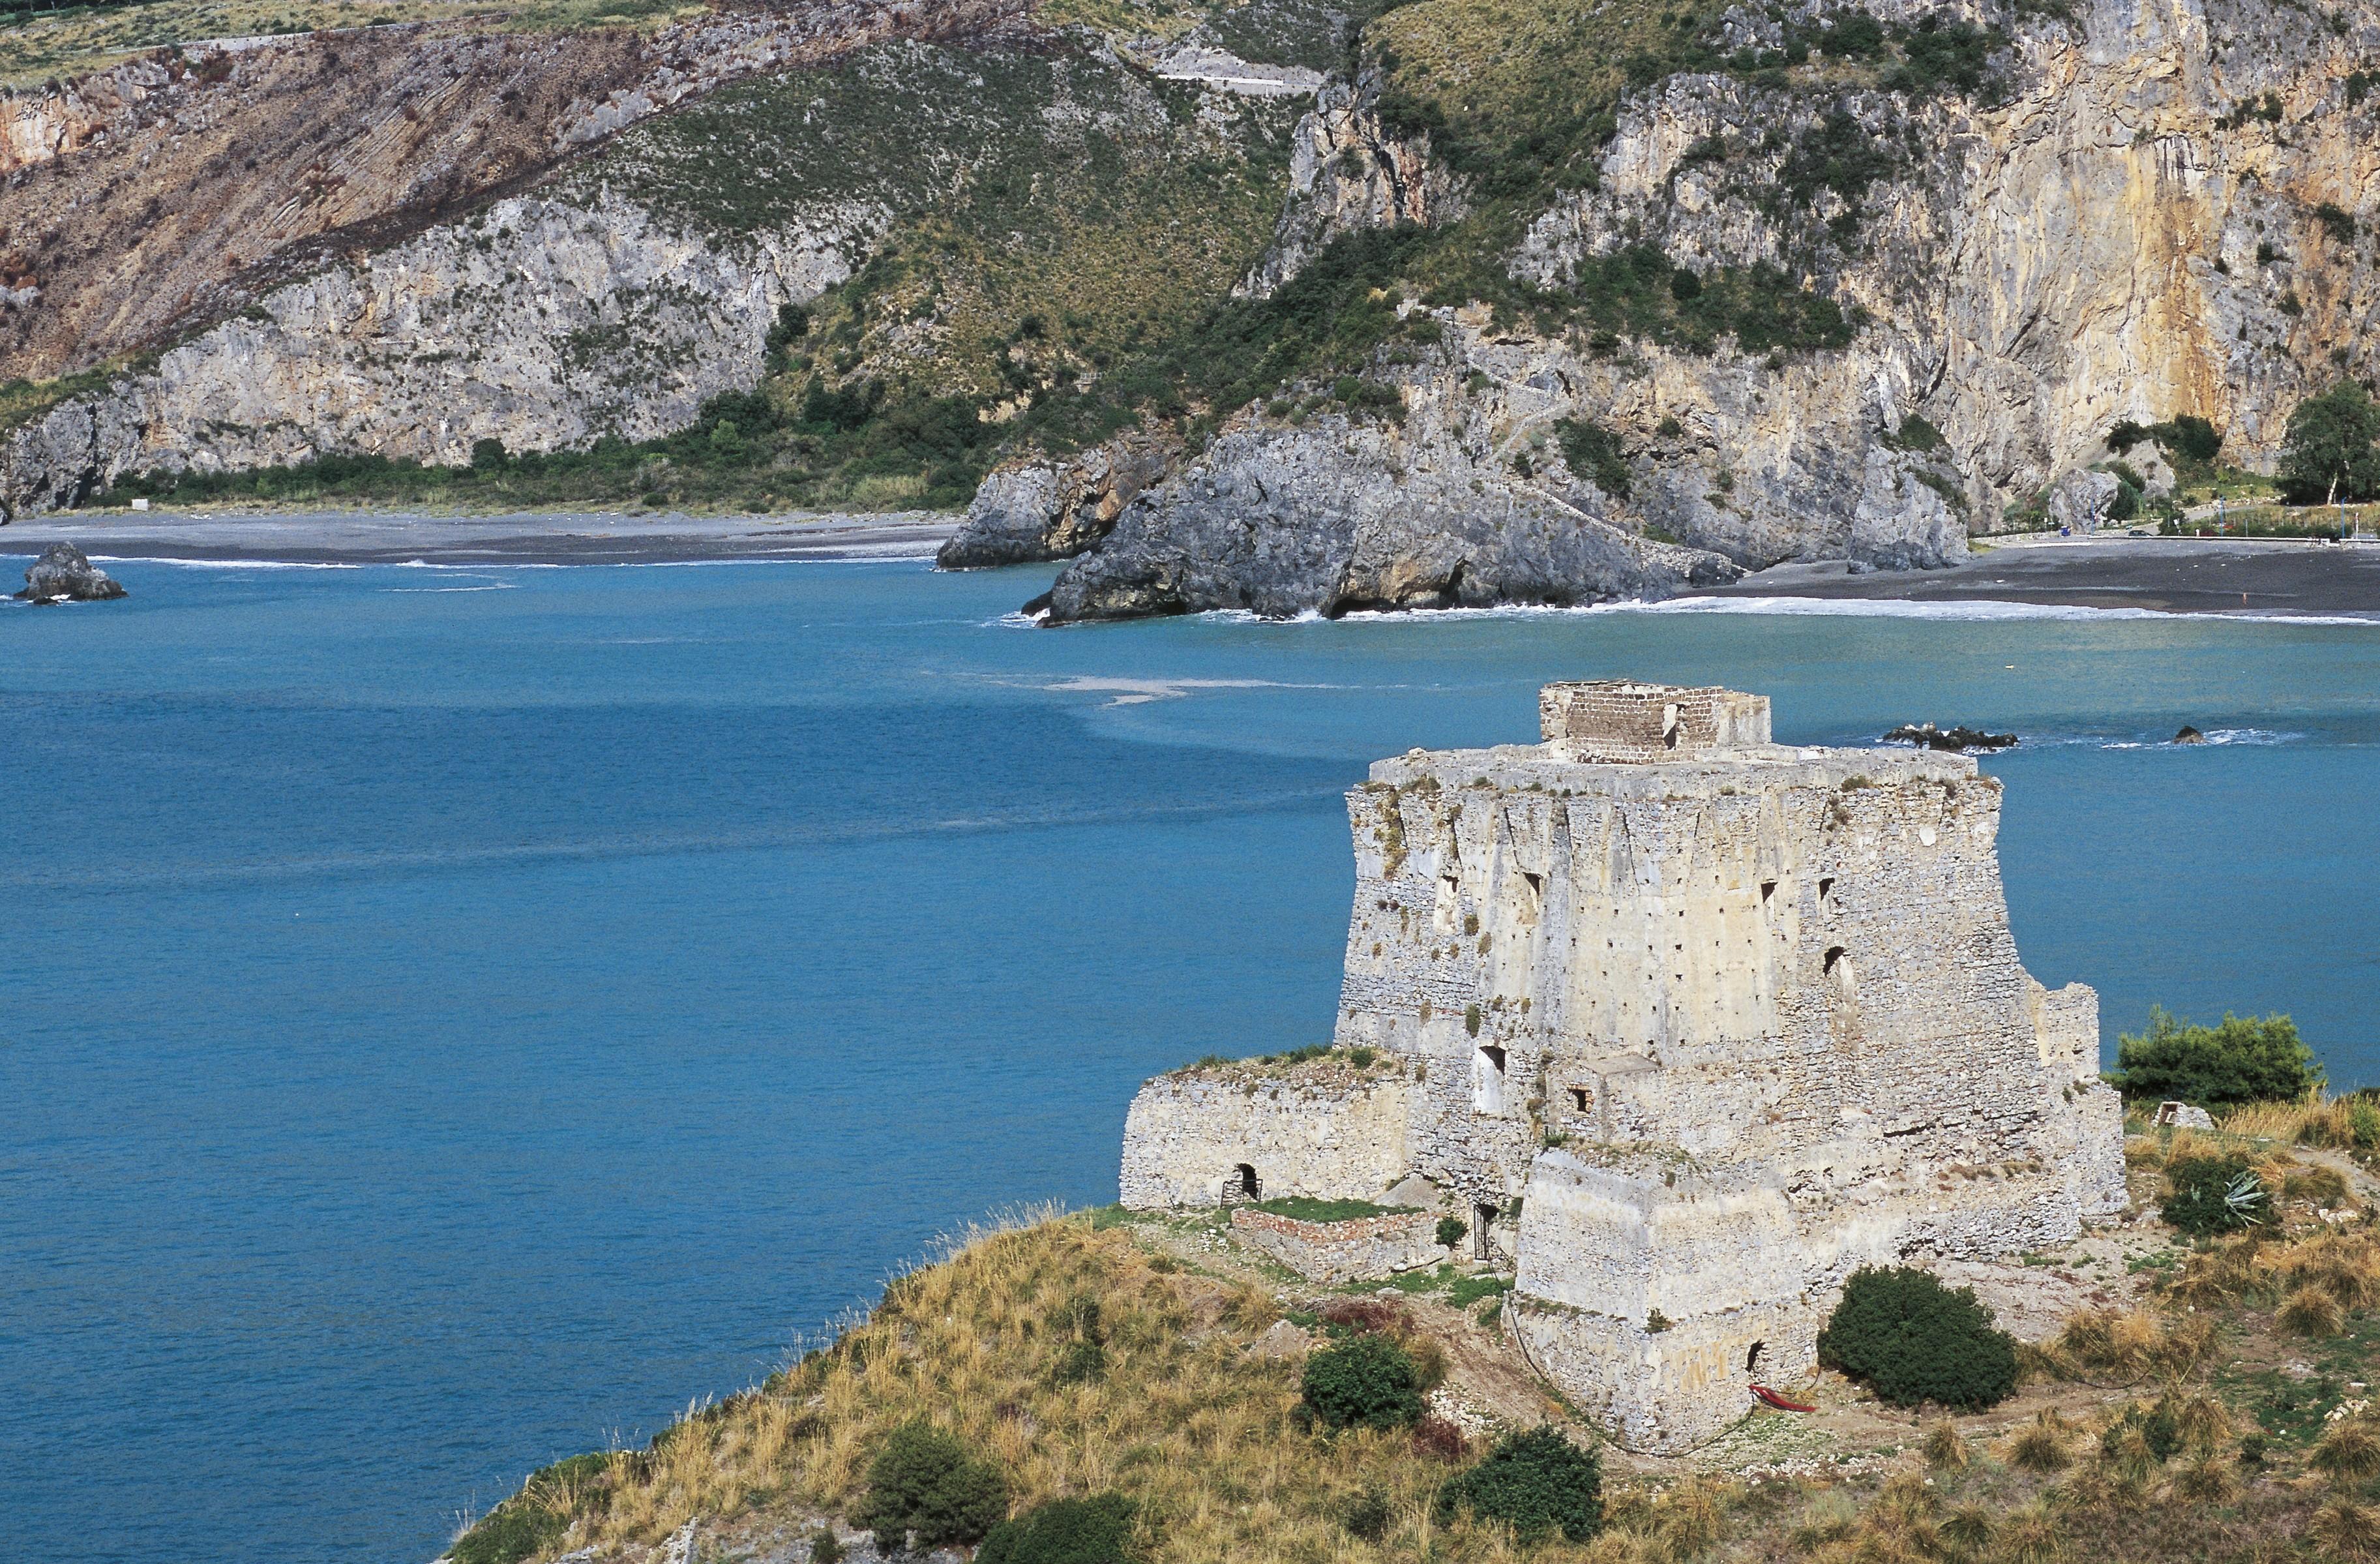 San Nicola Arcella (Calabria)